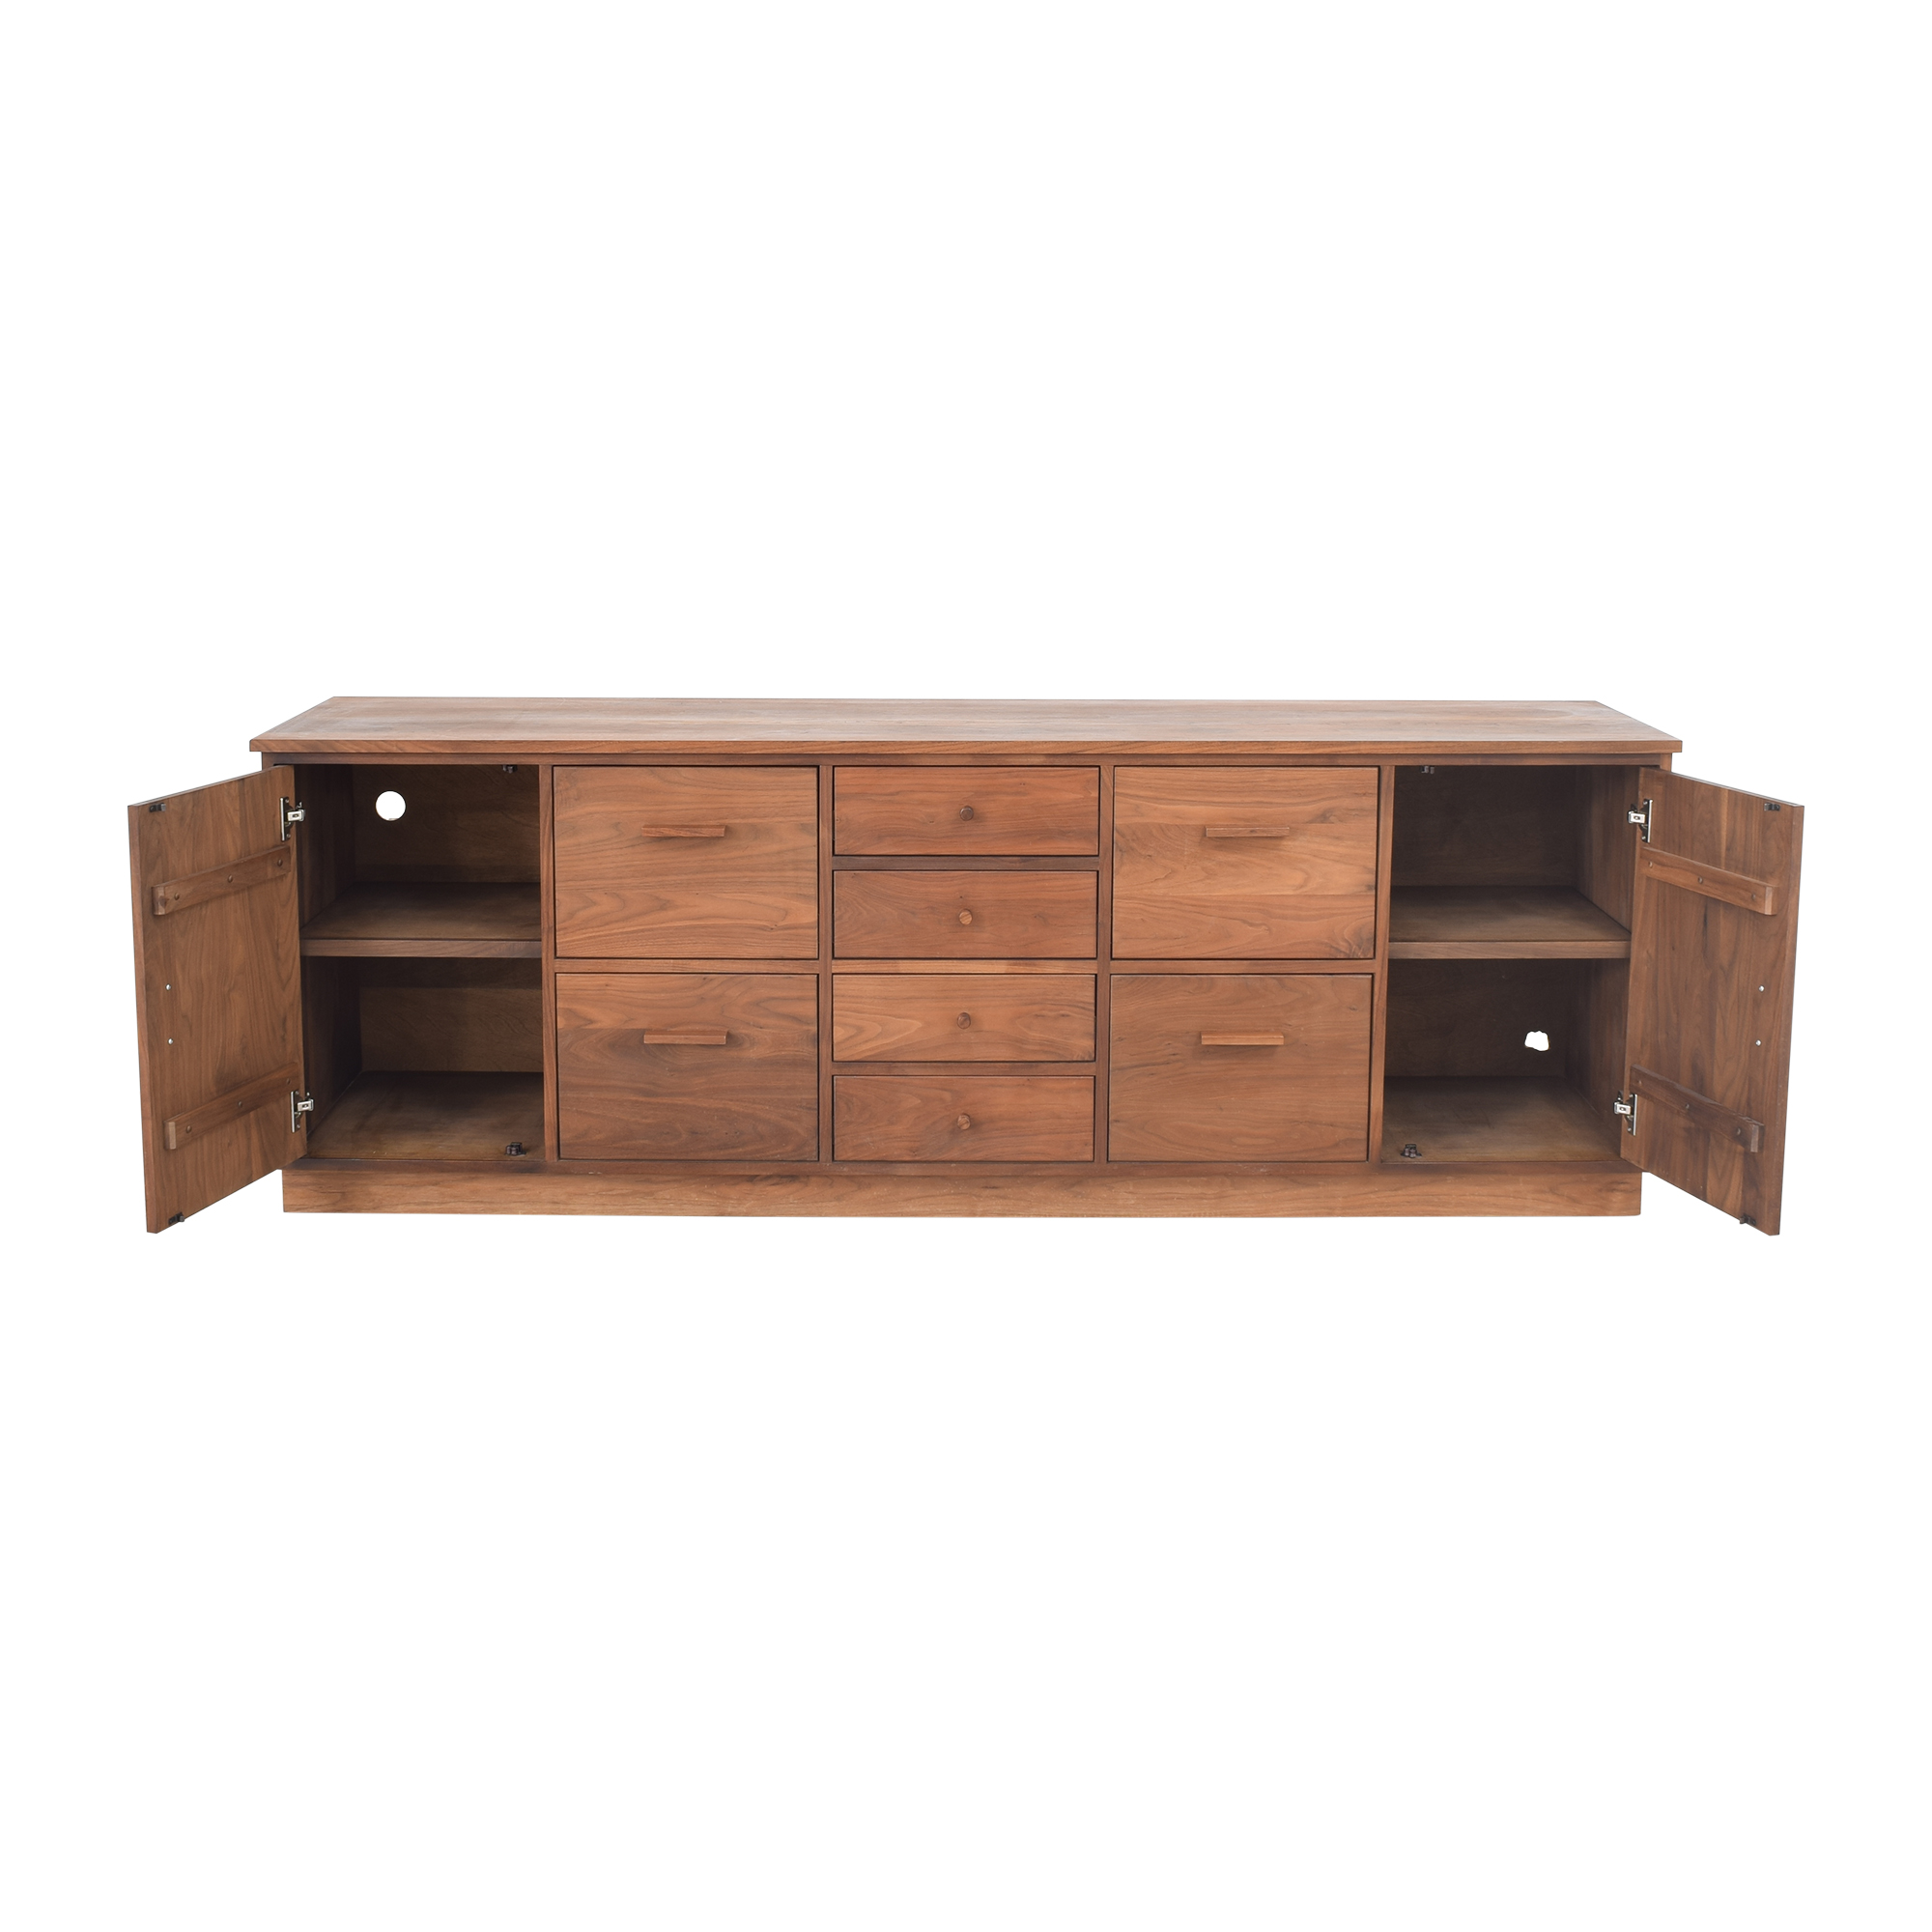 Room & Board Room & Board Linear File Cabinet Credenza discount